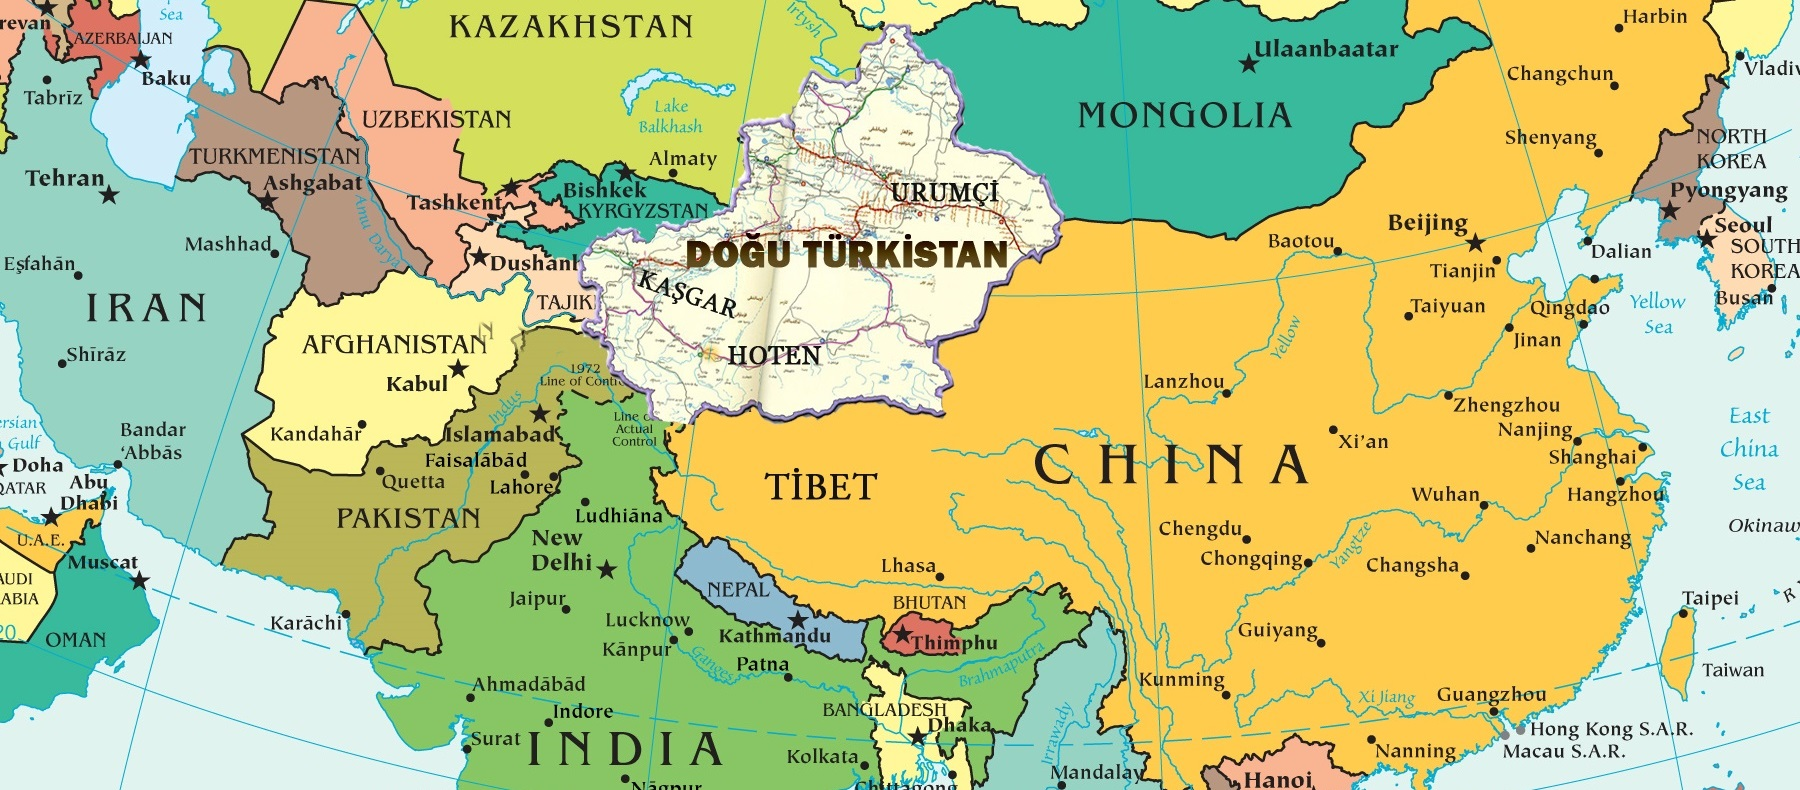 Turkistan-Asya Doğu Türkistan Coğrafyası ve önemi